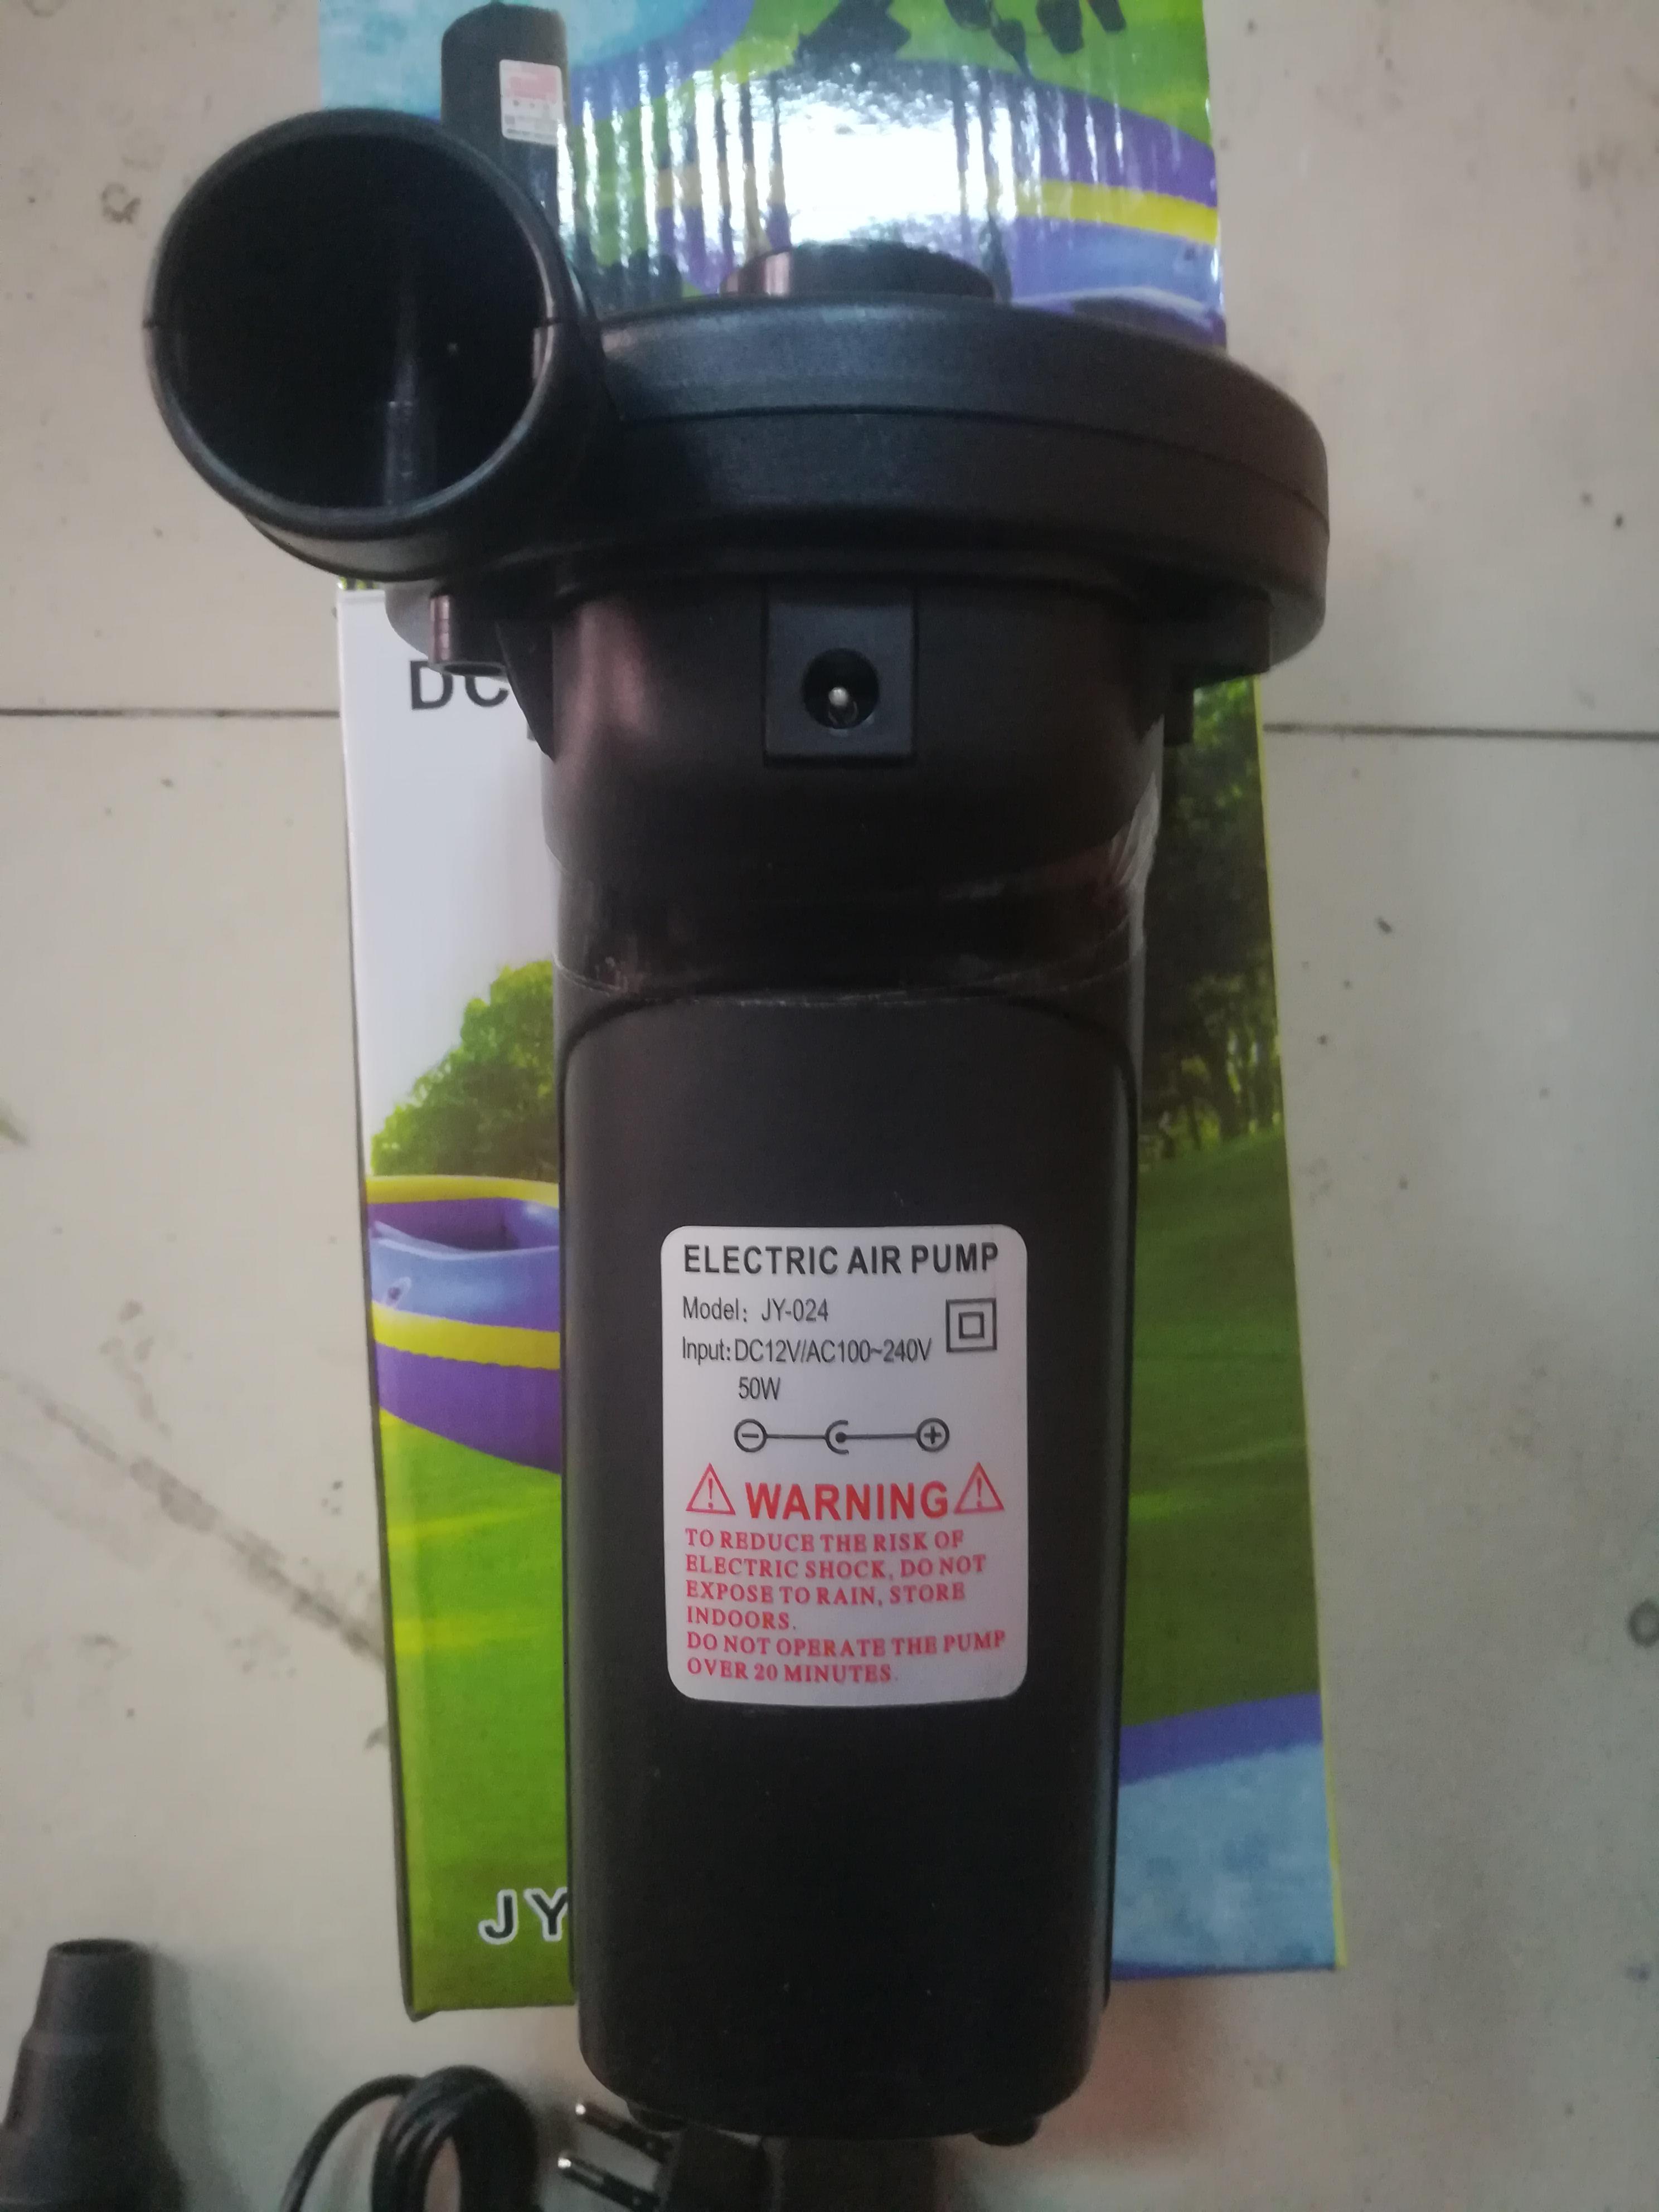 електрическа помпа за съхранение на превозното средство, деца. помпа домакински езеро на въздушна възглавница за мини зареждане на леглото на открито